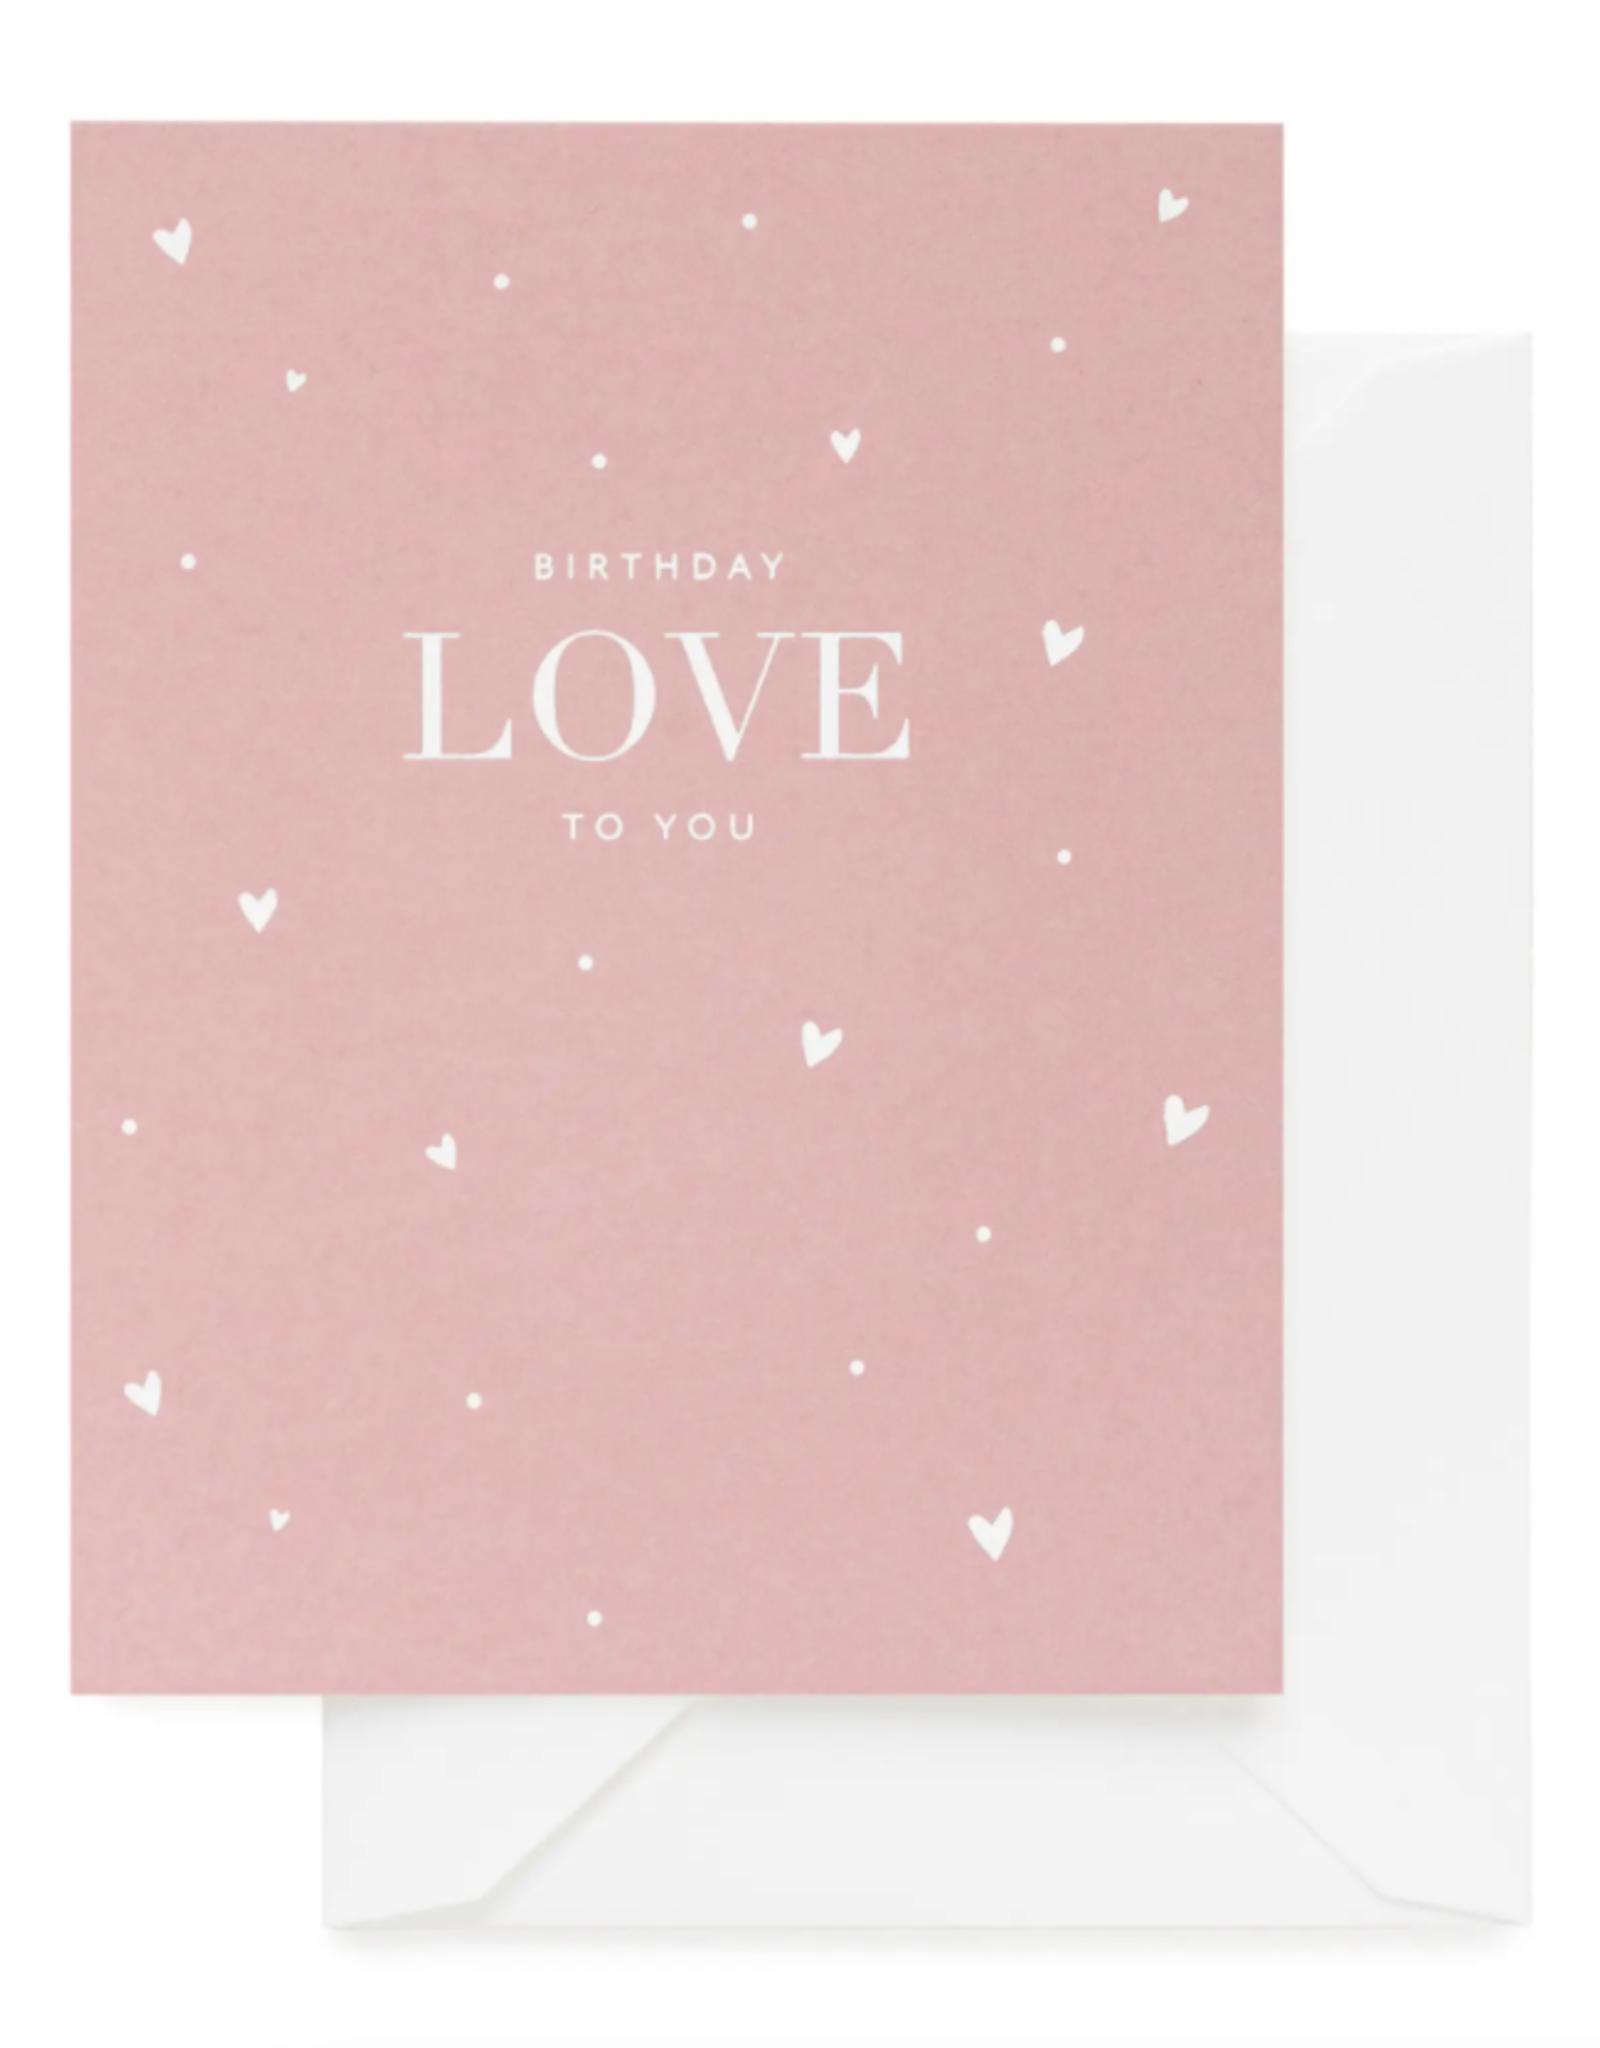 Birthday Love Card